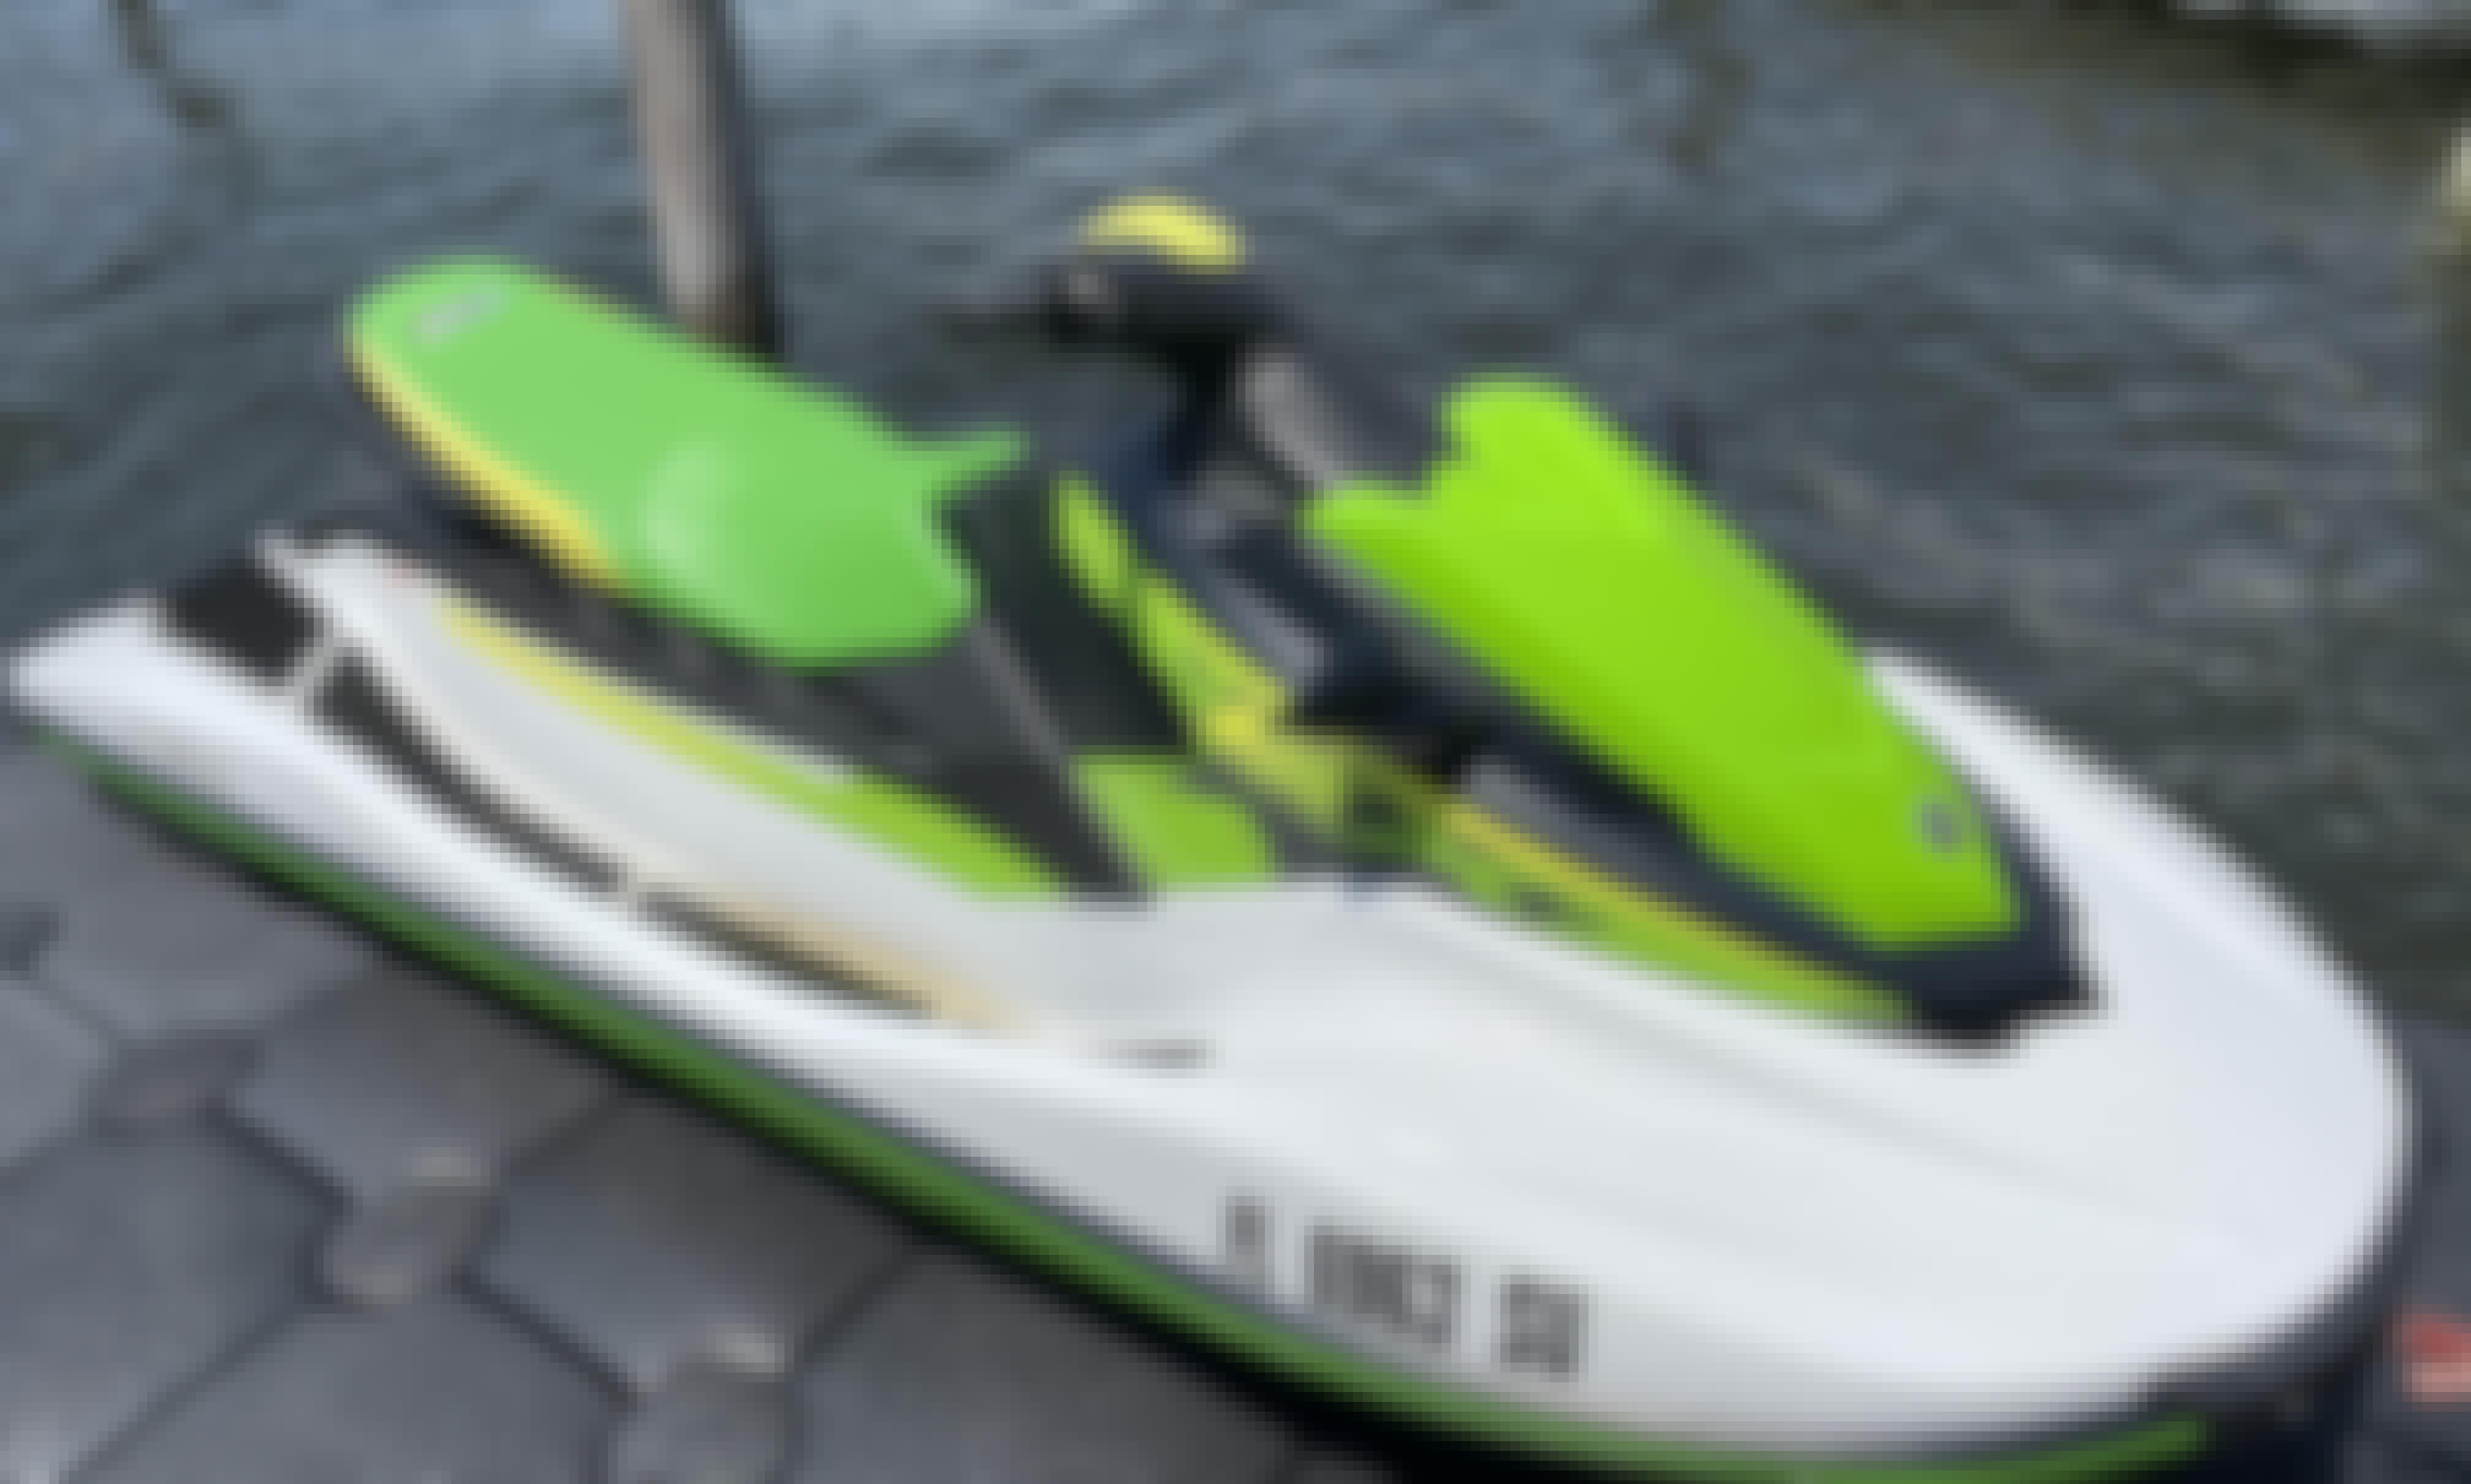 One 2021 Yamaha EX Waverunner on the Intracoastal!